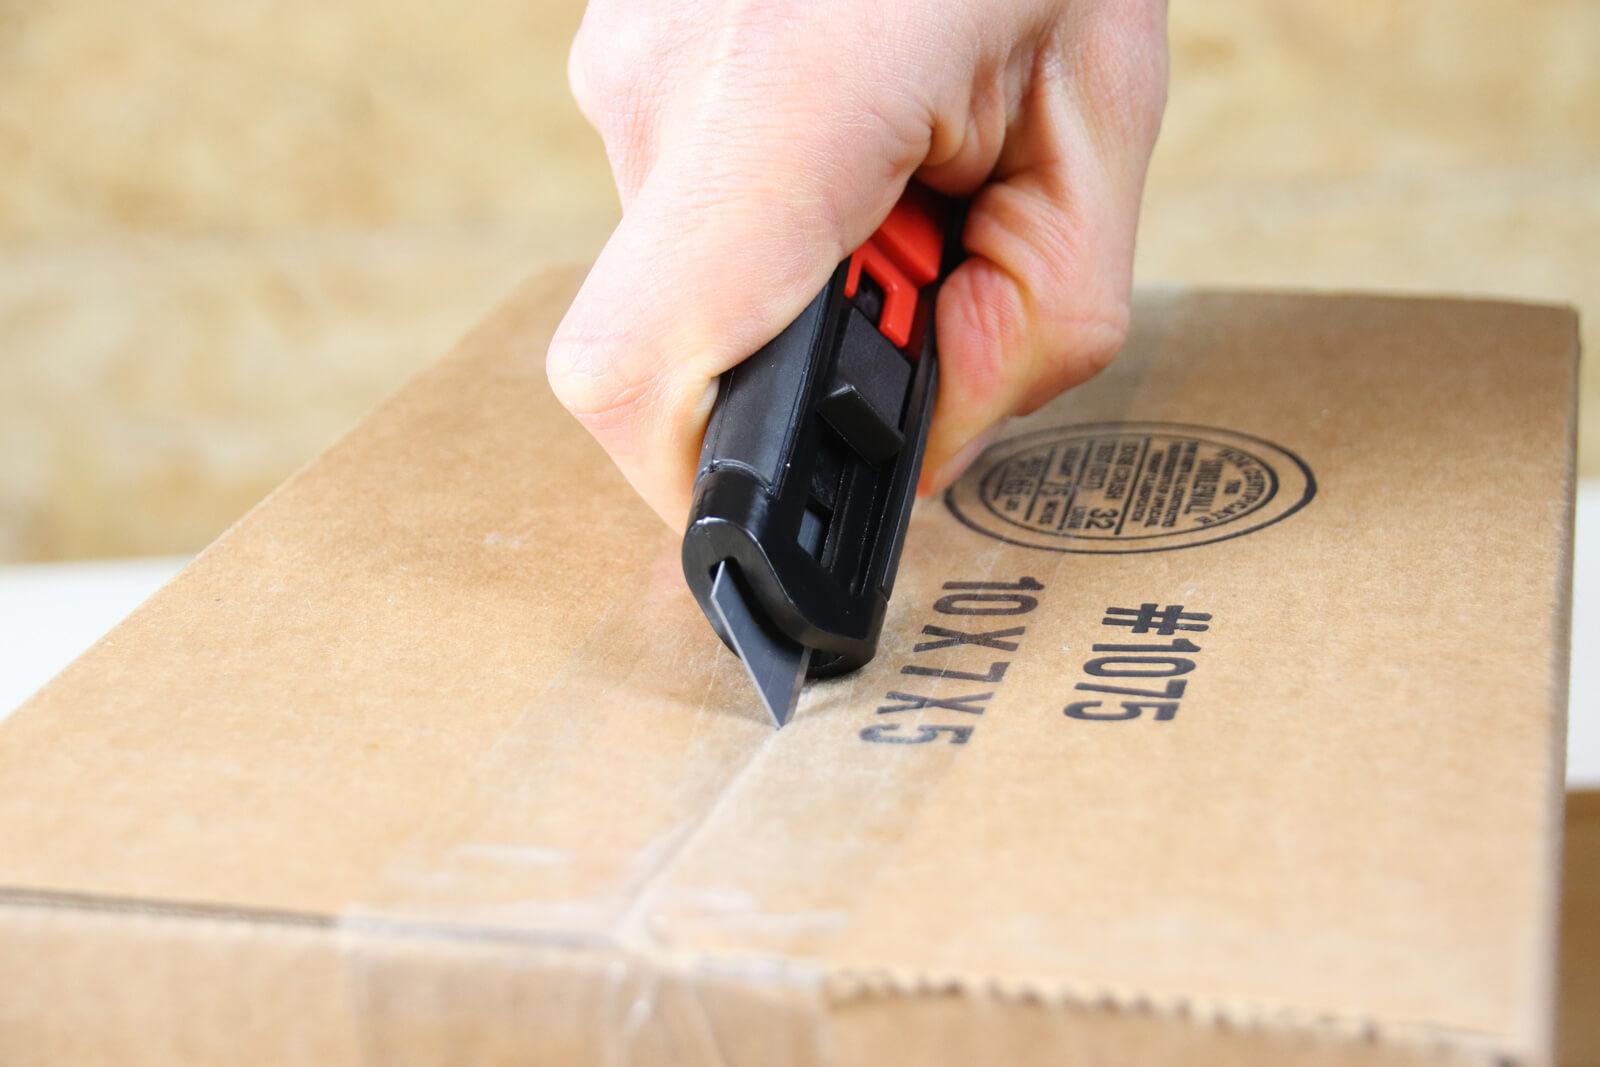 U002P-Sicherheitsmesser-Profi-lang-40cm-Klinge-automatischer-Klingenrückzug-Klebeband-CURT-tools